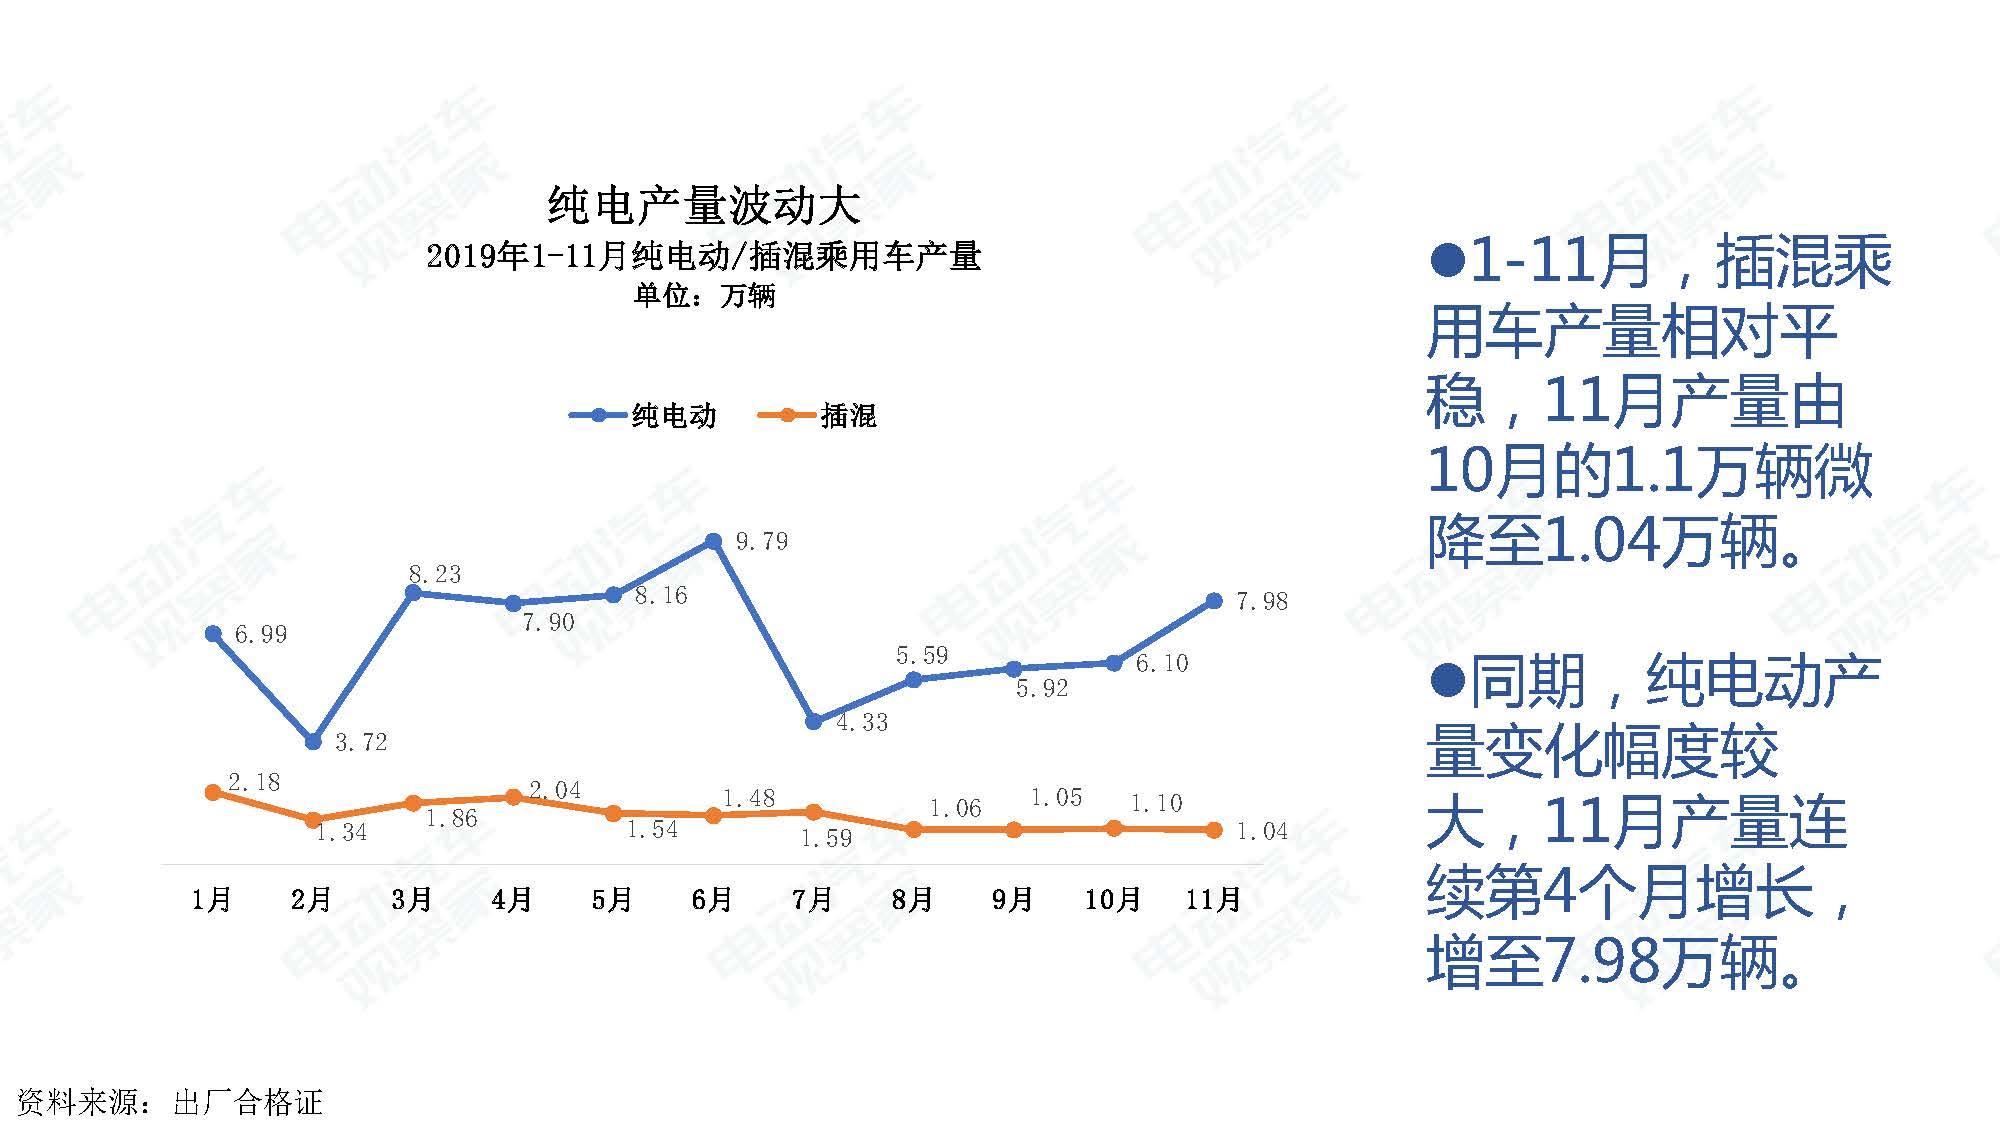 2019年11月中国新能源汽车产业观察_页面_044